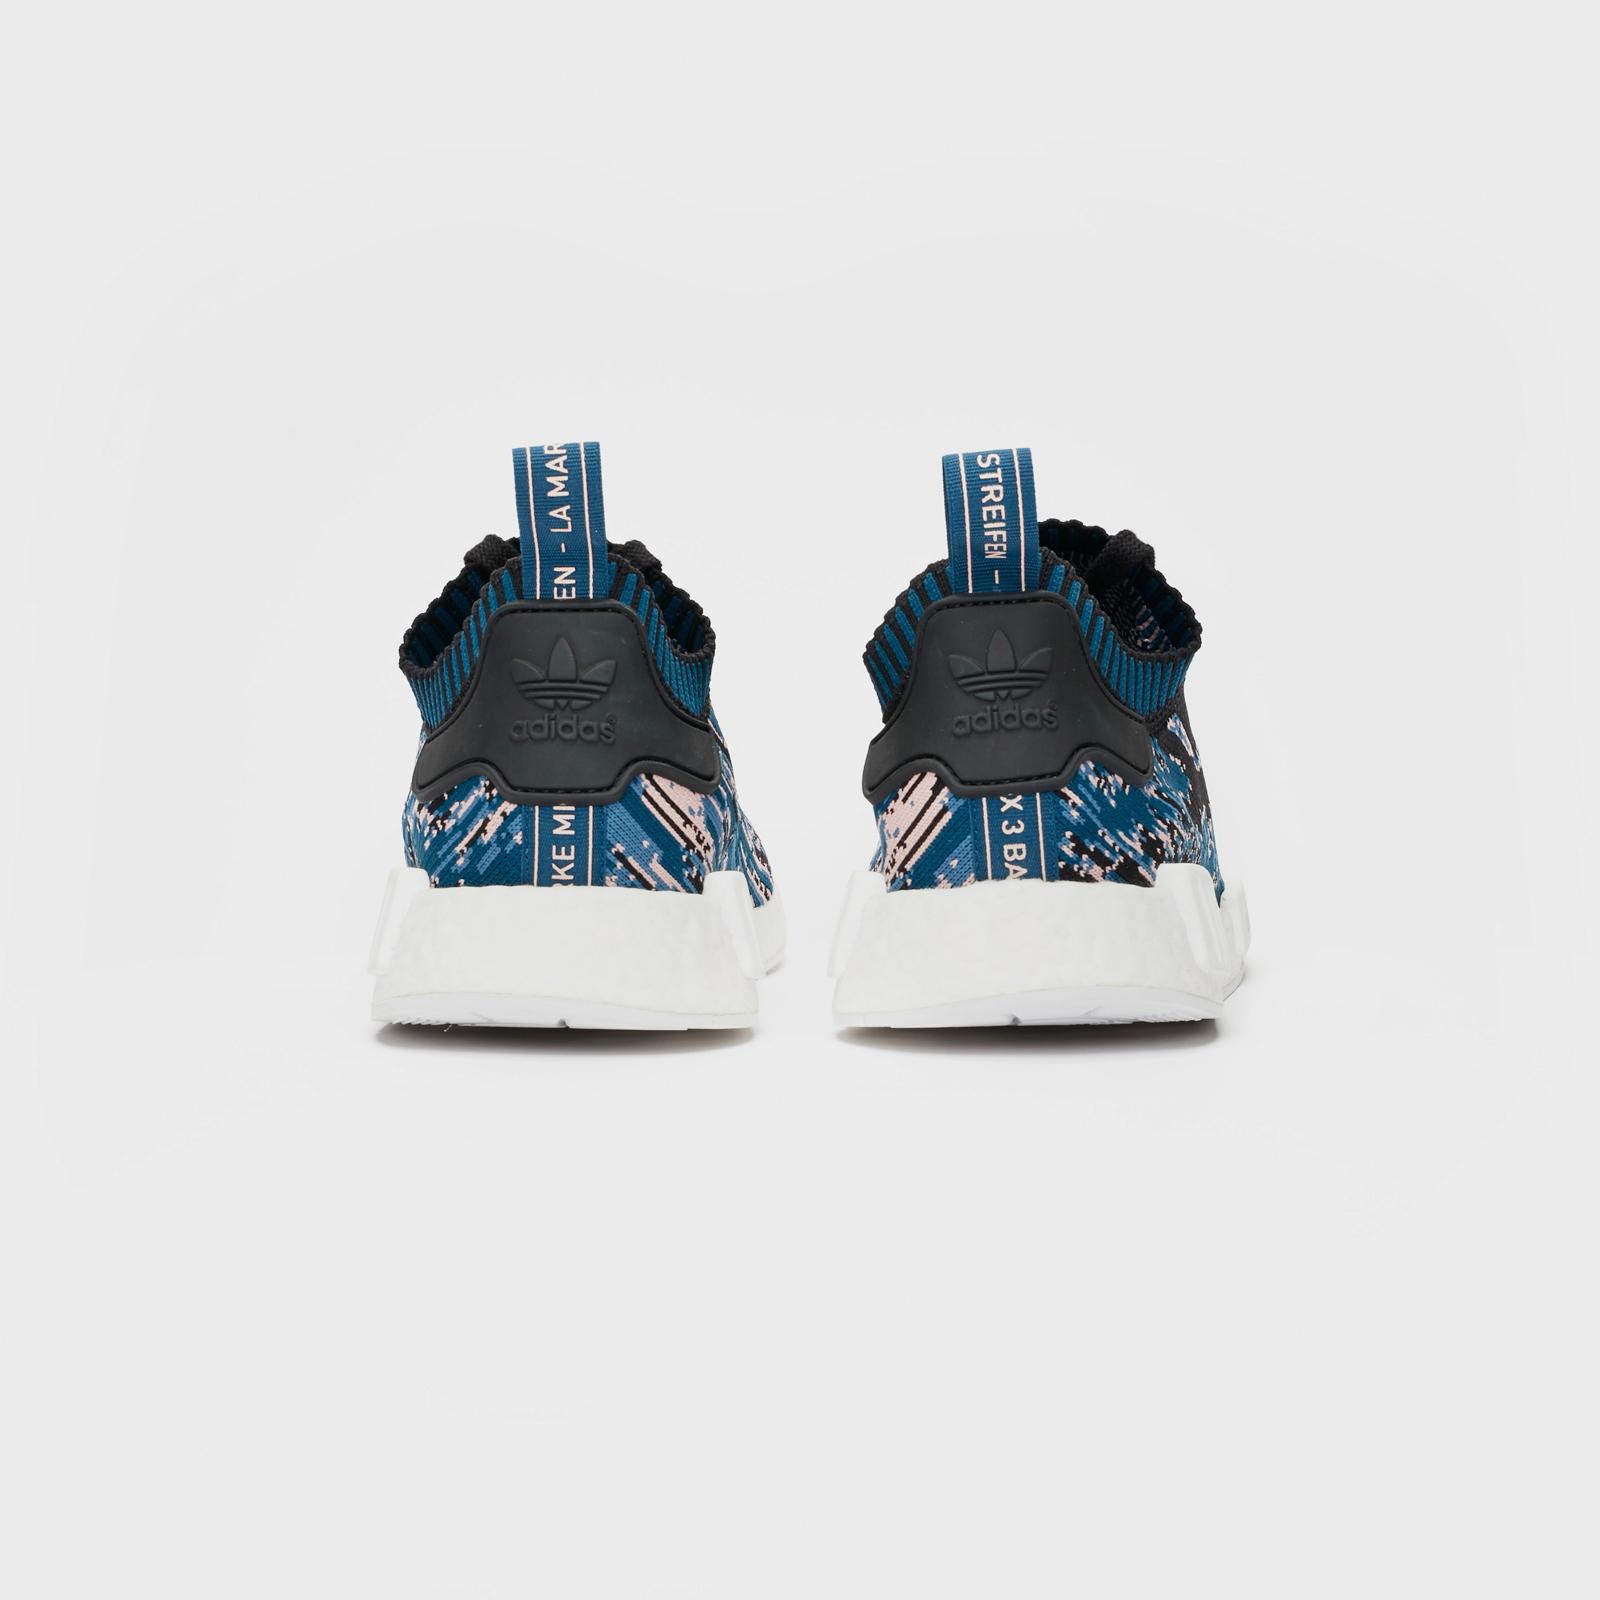 6ef7384a6da84 adidas NMD R1 PK Datamosh - Db2842 - Sneakersnstuff